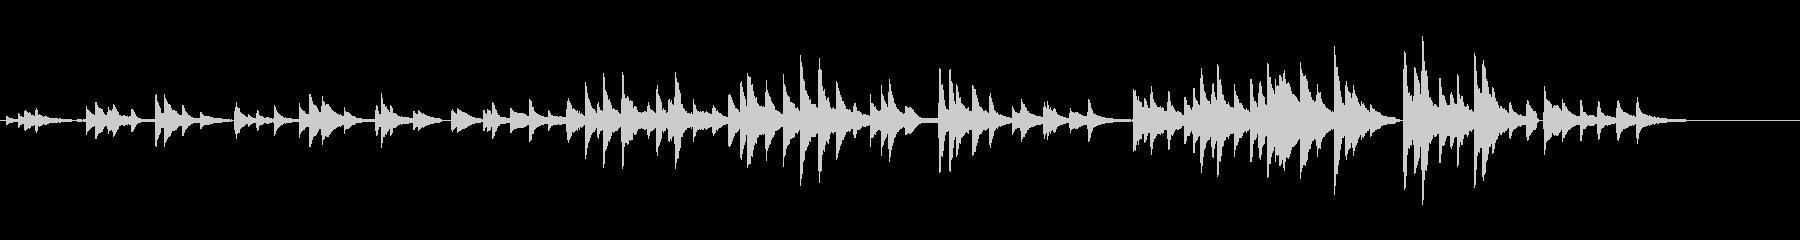 ゆったりとしたピアノソロの未再生の波形